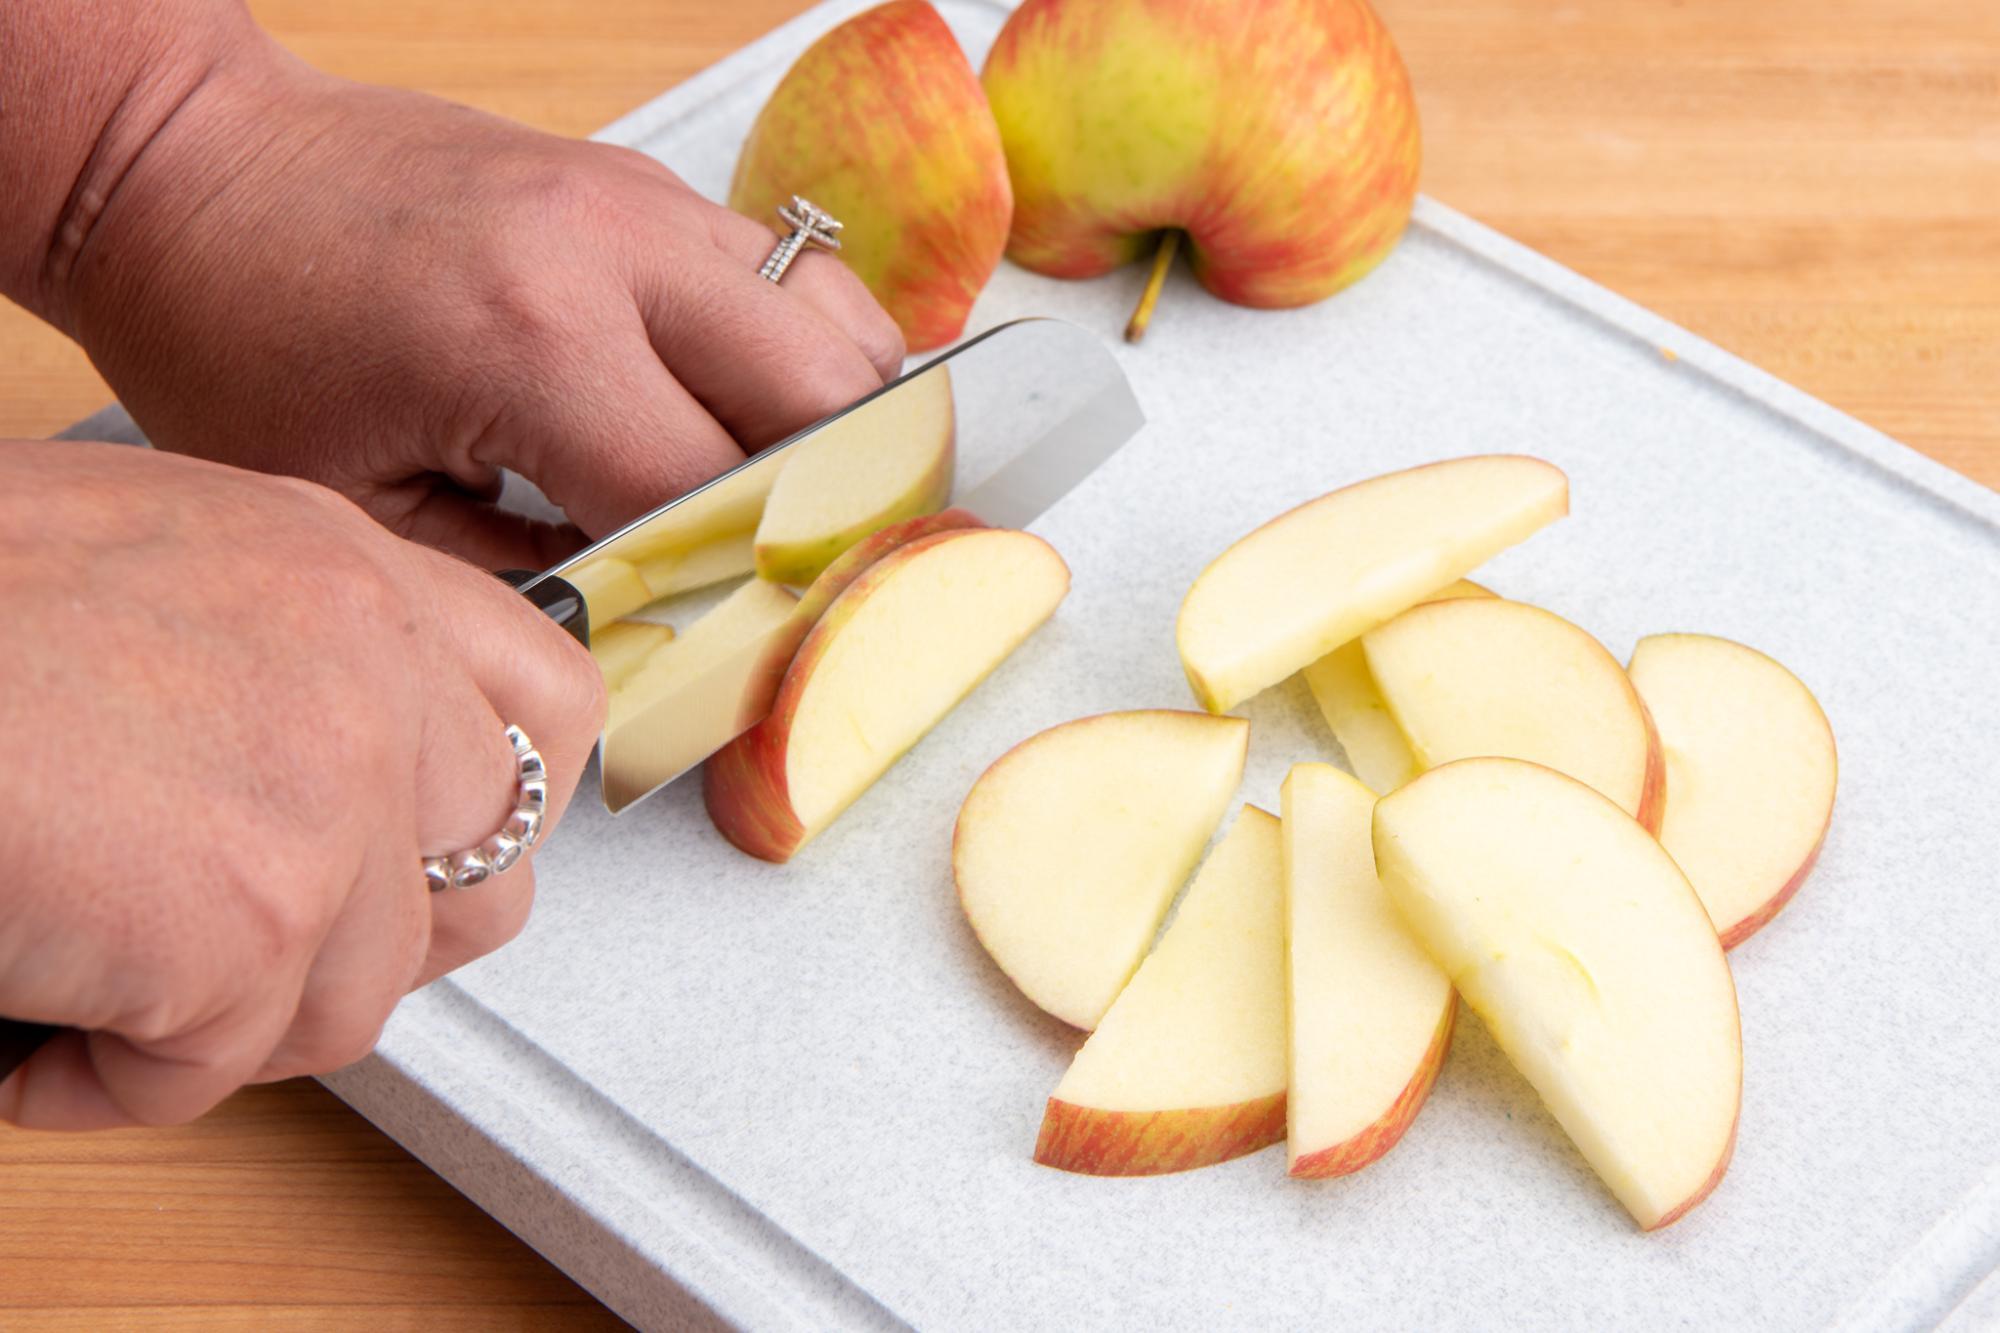 Using the Petite Santoku to slice the apples.